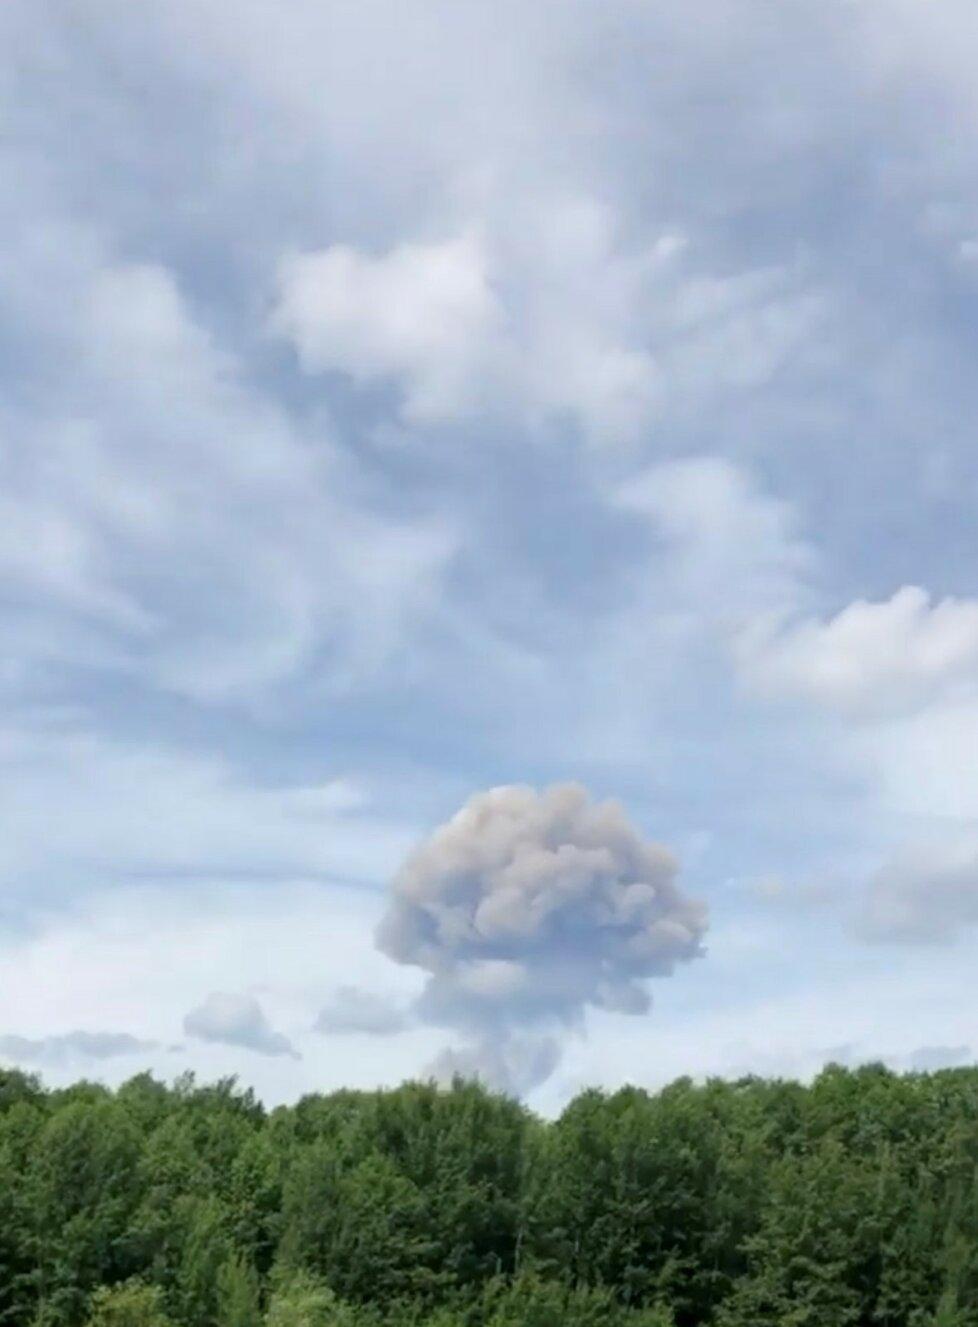 Dvě exploze v ruském závodě na výrobu trhavin Kristall ve městě Dzeržinsk v centrální části země dnes zranily nejméně 19 lidí.